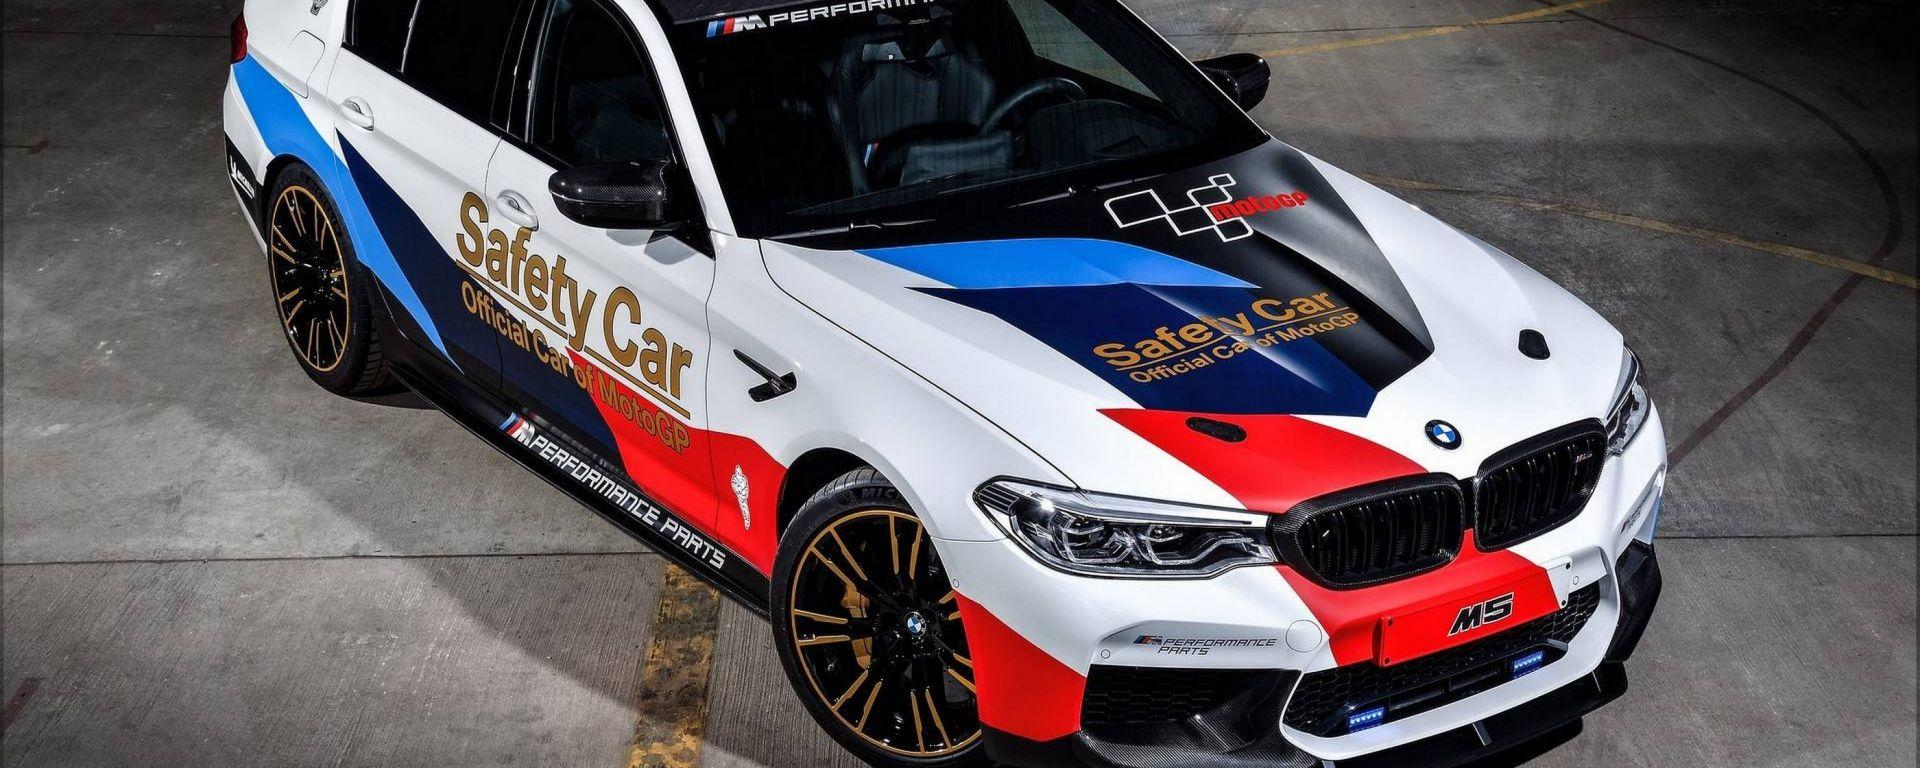 Nuova BMW M5: ecco la Safety Car del Motomondiale